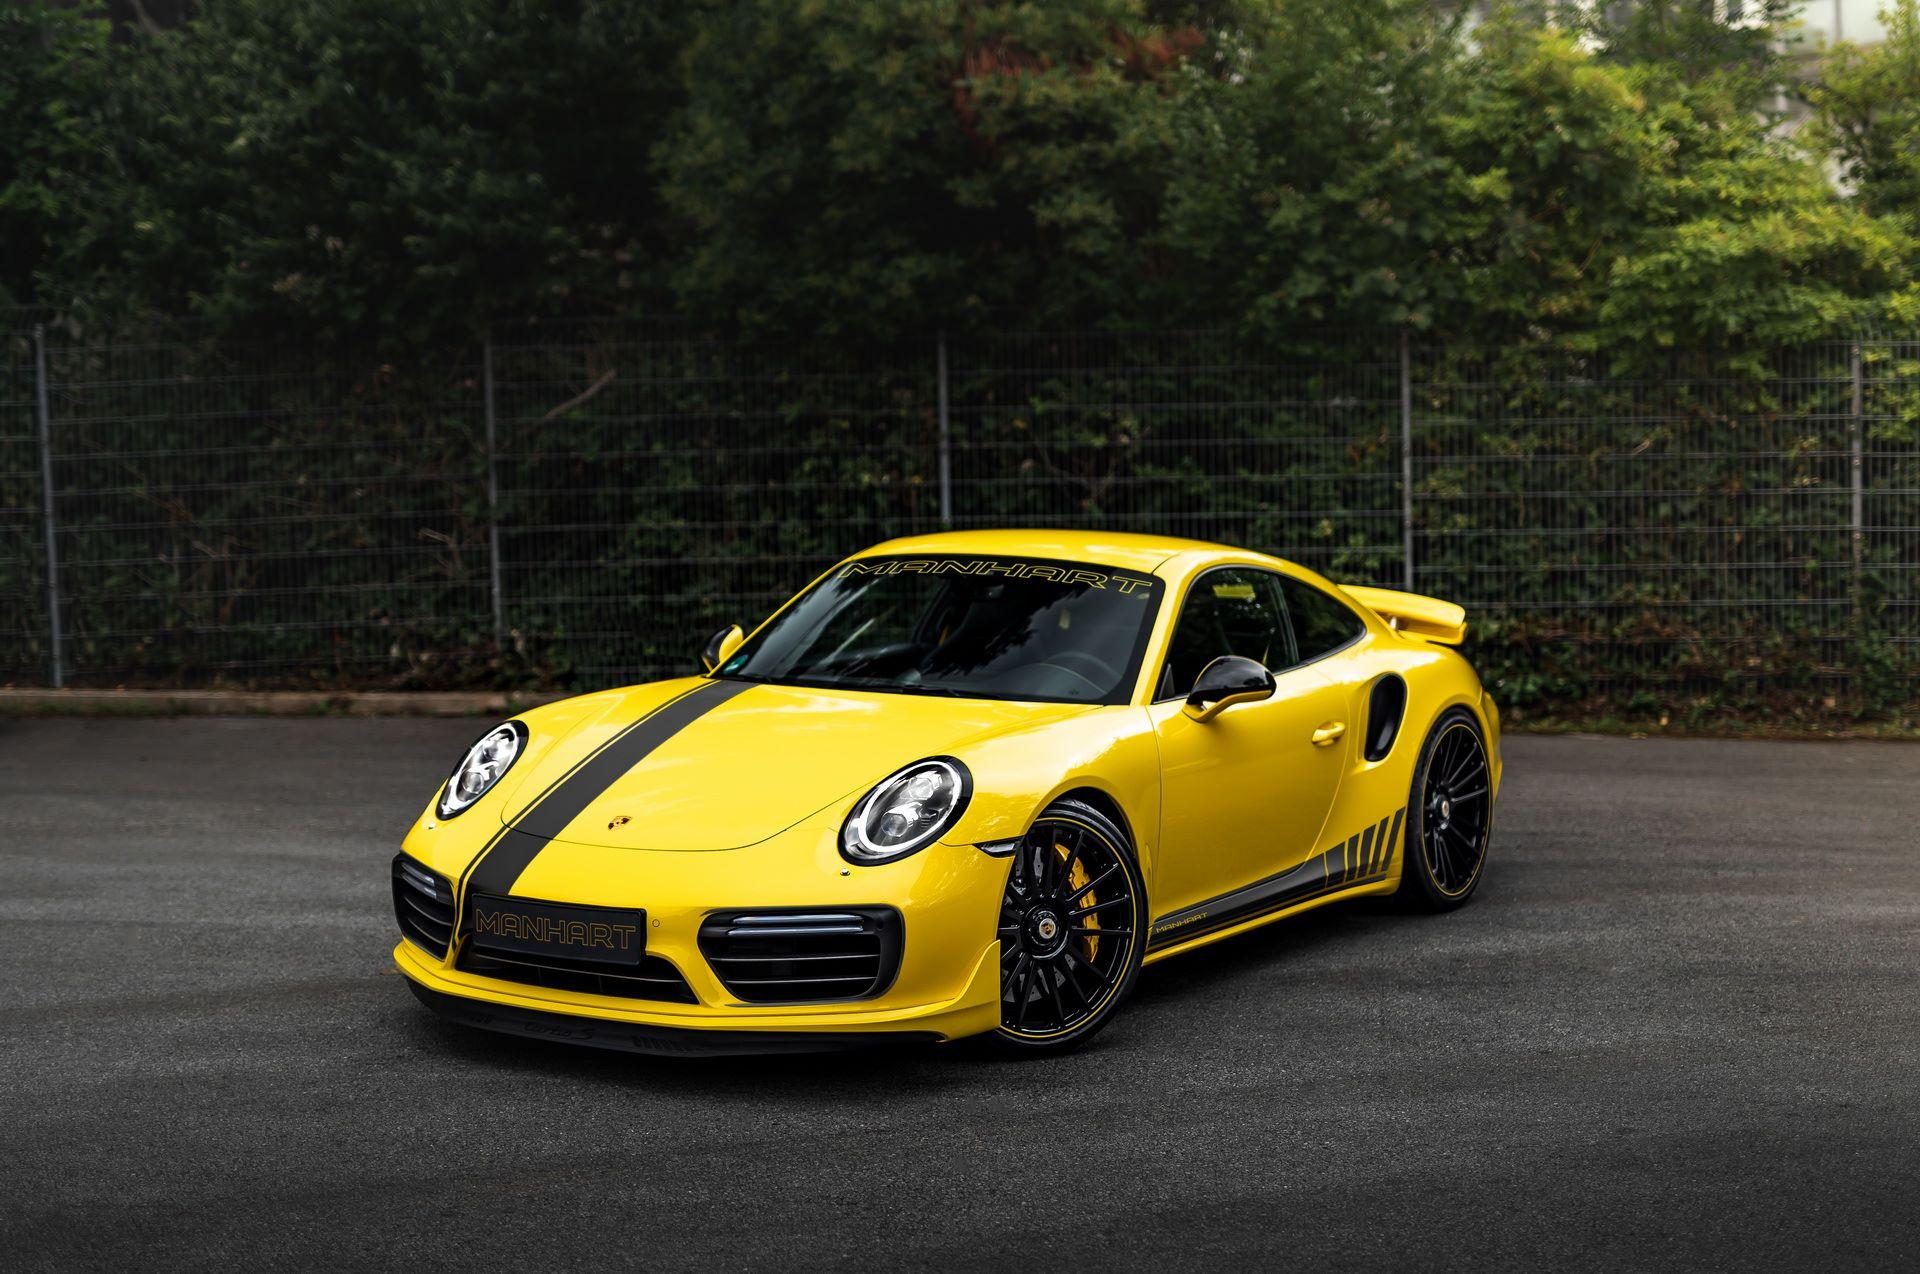 Porsche-911-Turbo-S-by-Manhart-2